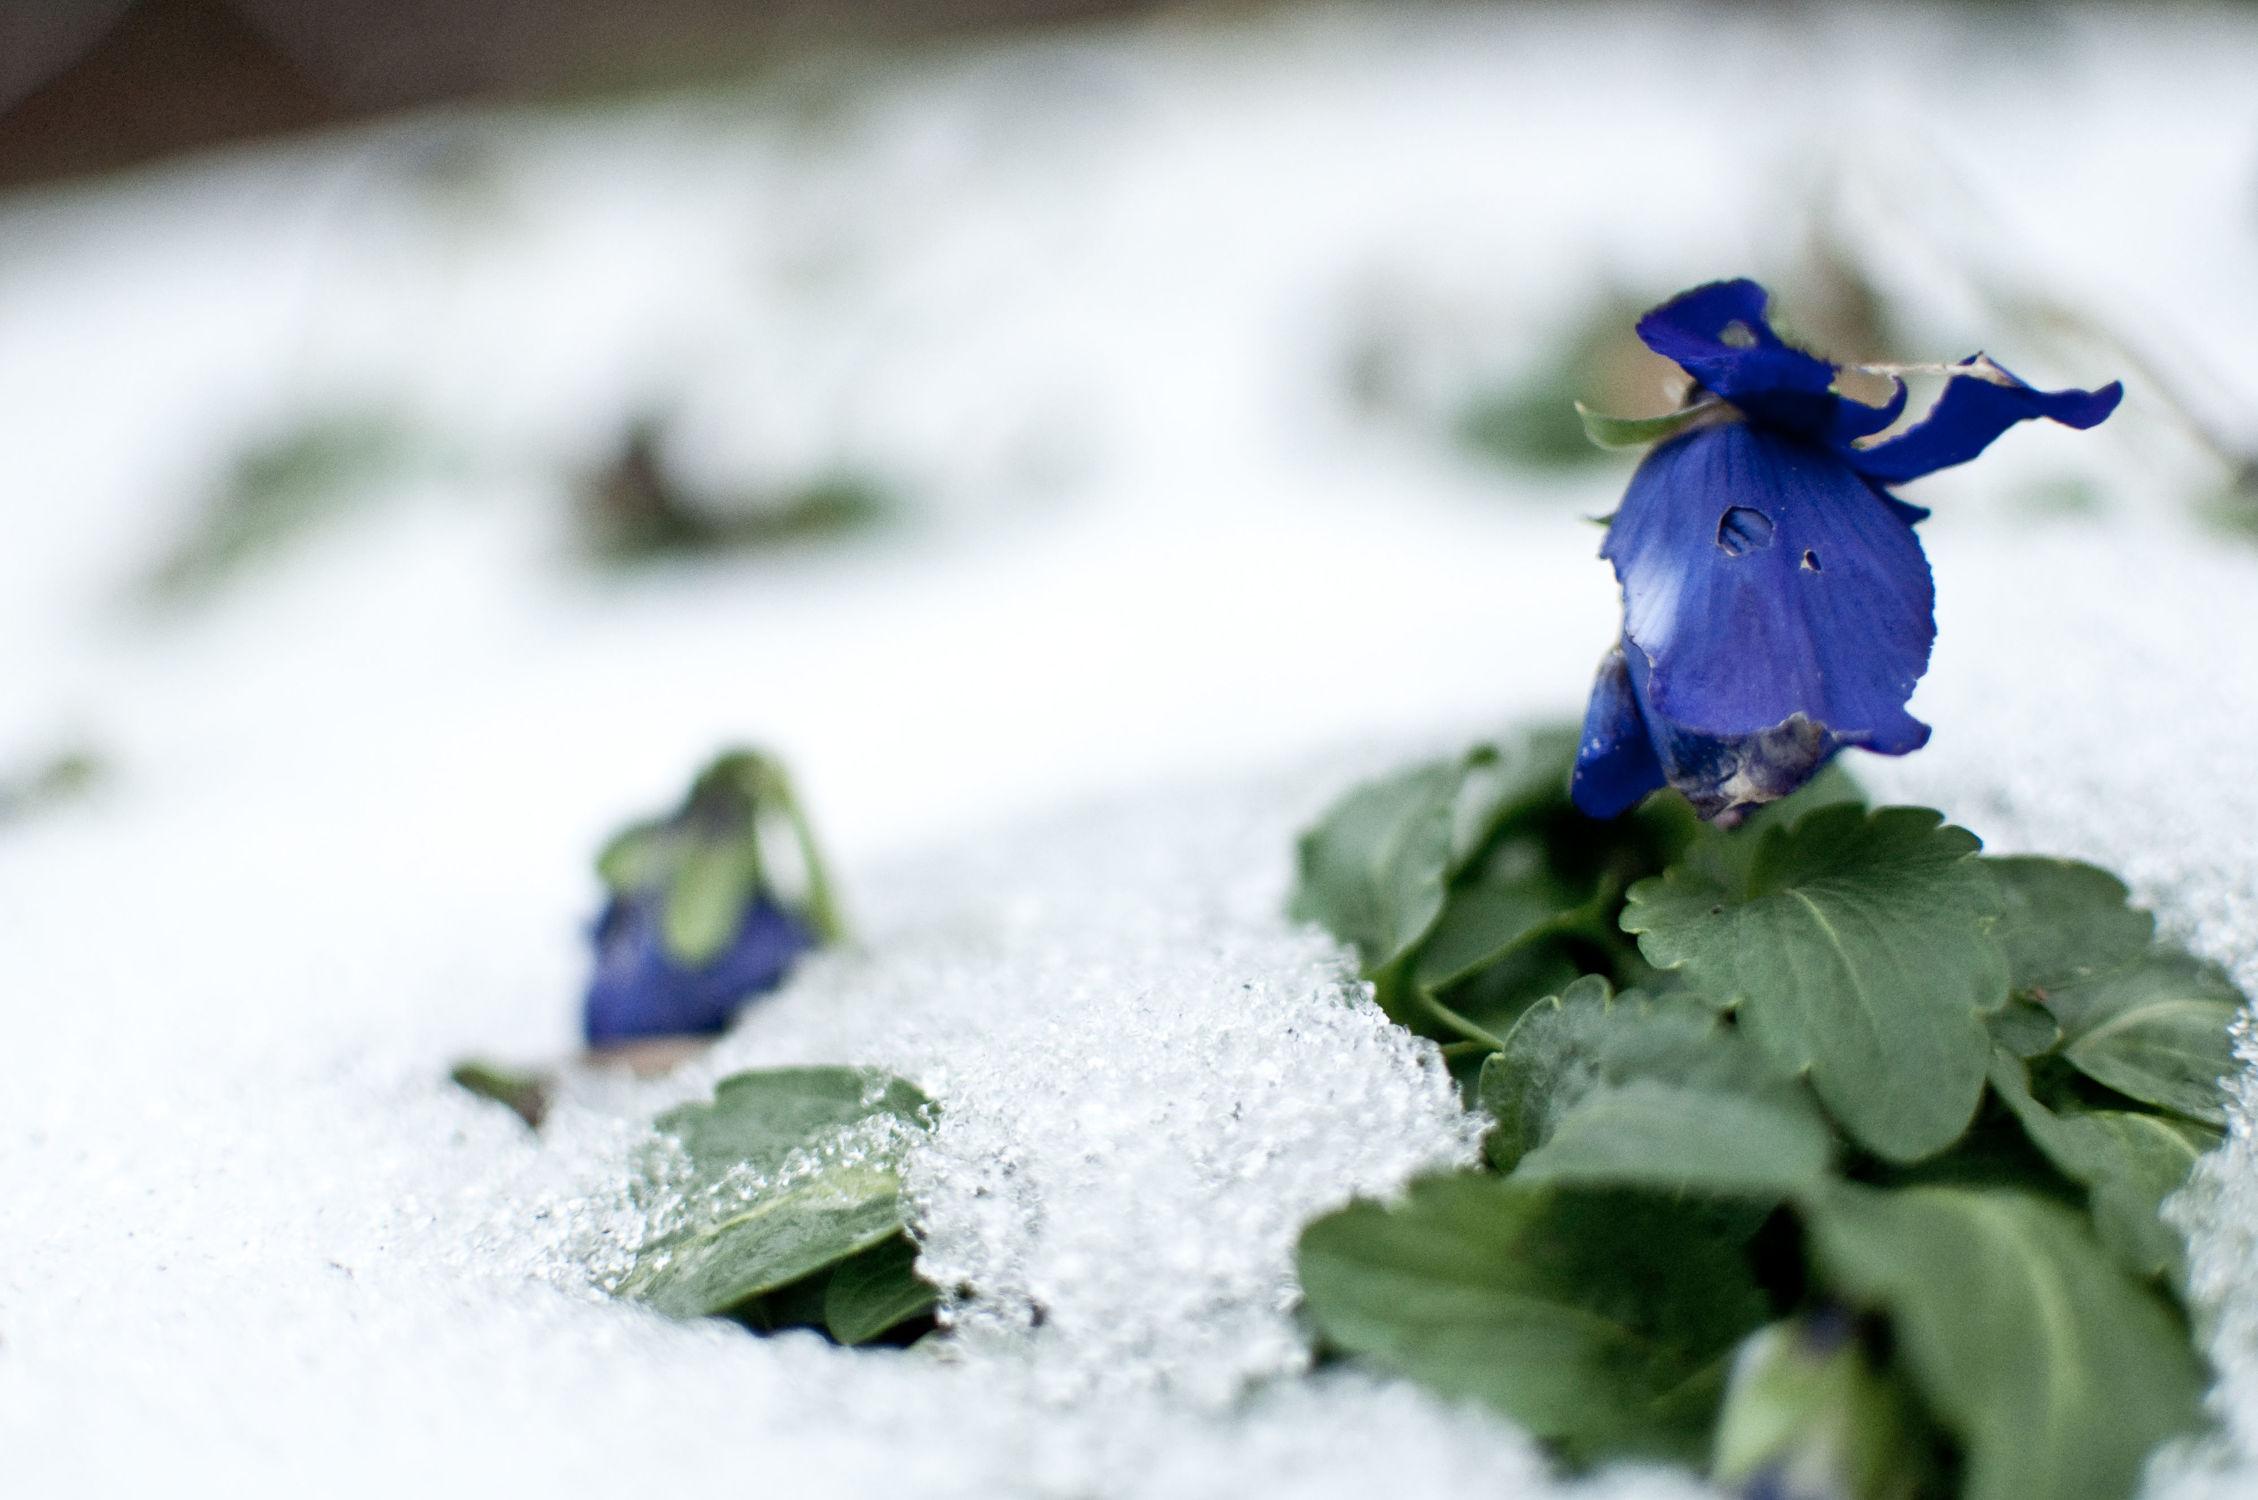 Bild mit Natur, Pflanzen, Winter, Schnee, Blumen, Rosen, Blume, Pflanze, Rose, Roses, Nature, Flower, Flowers, Dark Flowers, Blütenzauber, Blüten, Winterzeit, blüte, dunkel, Frost, Fotografie, Botanik, Dark, dark photografic, natura, Leidenschaft, gothic, gothic style